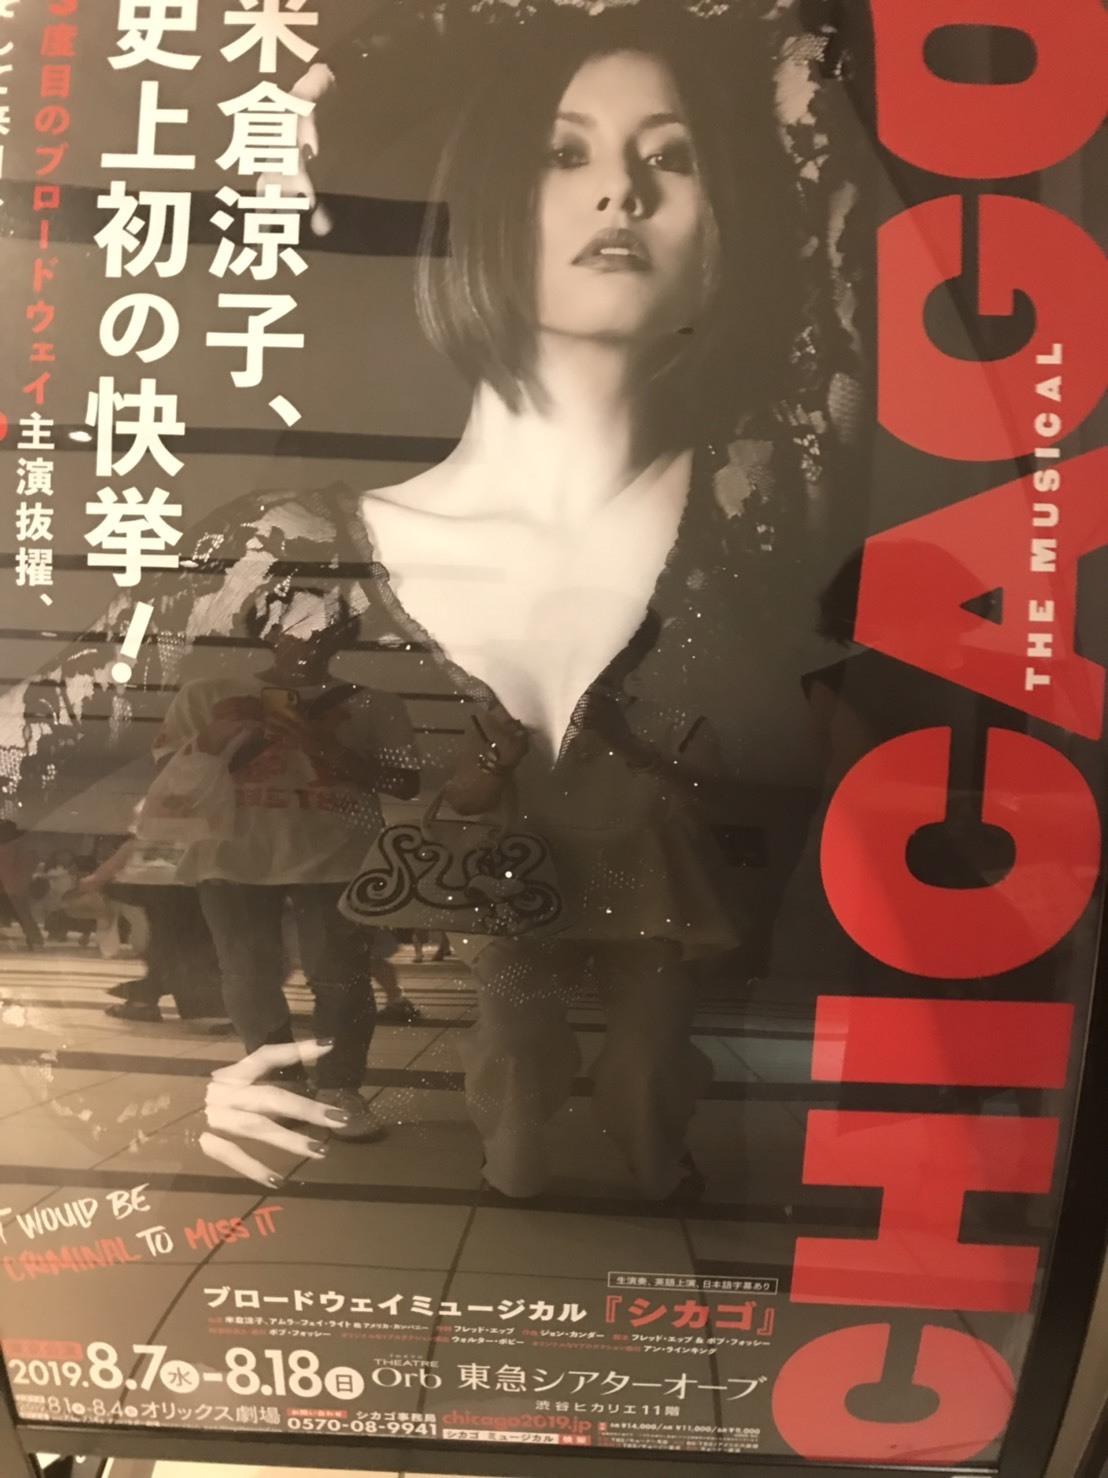 米倉涼子姫の『CHIACAGO』はすごい♪_d0339889_15503094.jpg